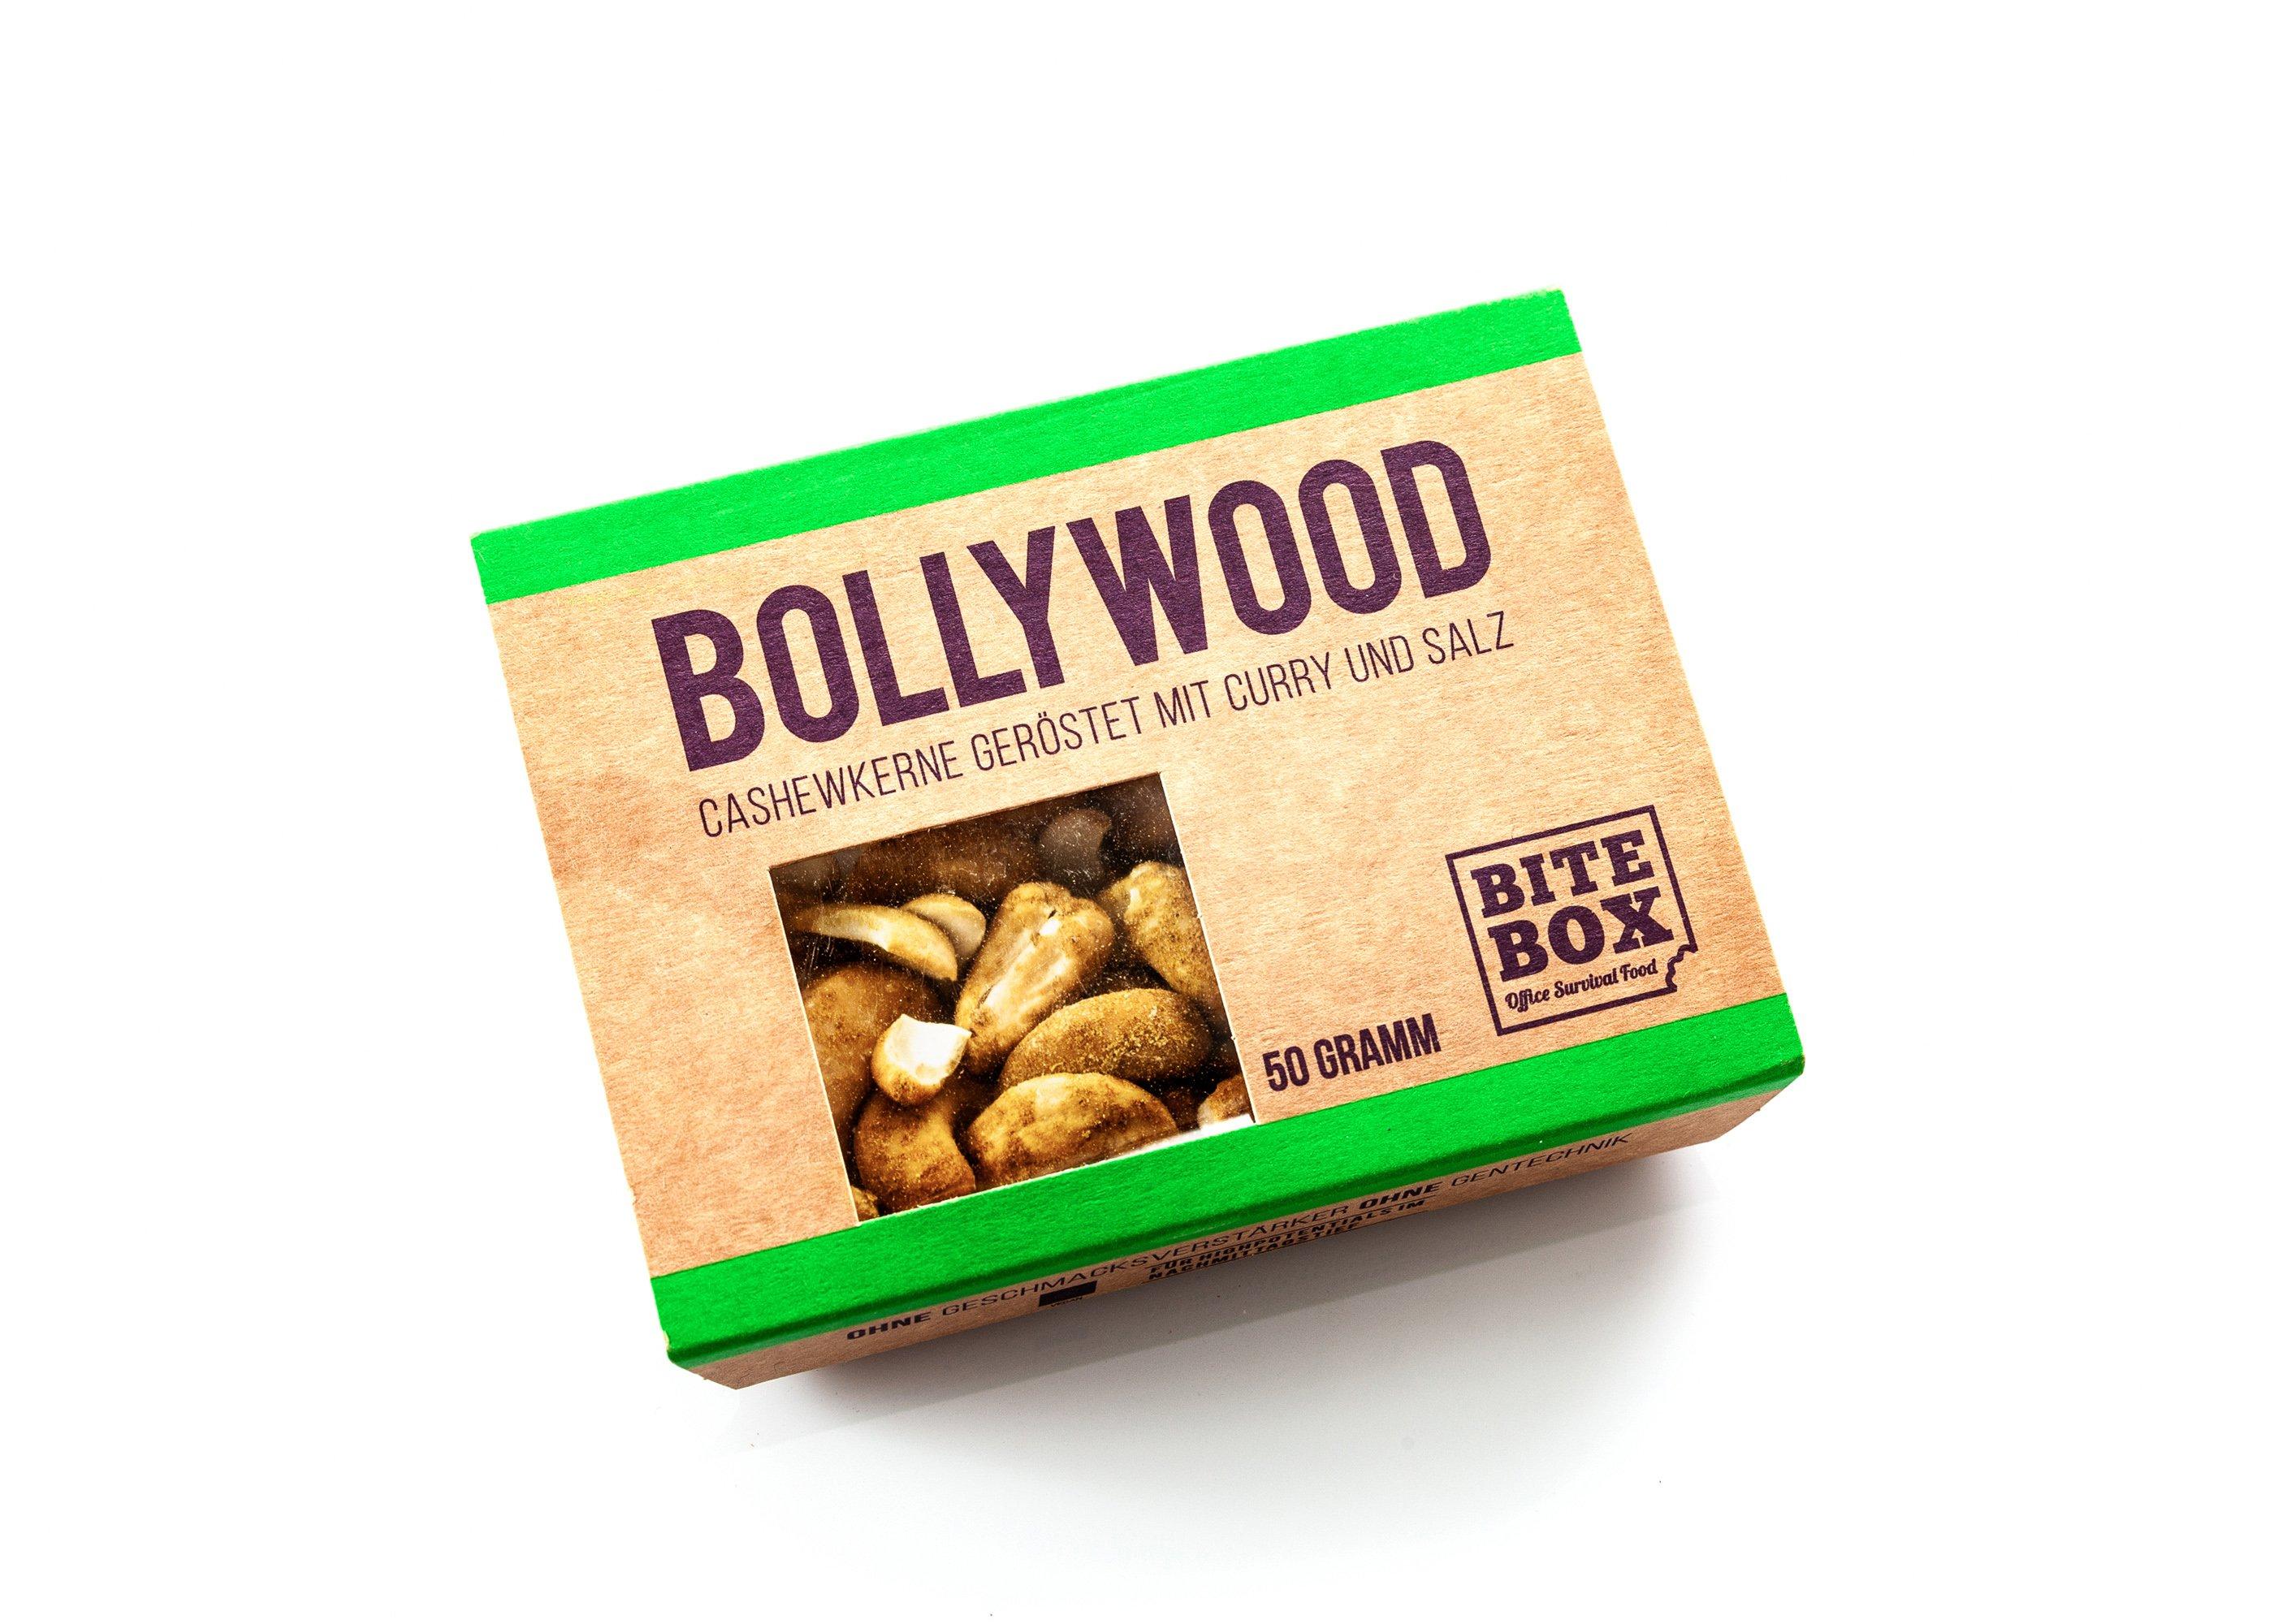 Cashewkerne geröstet mit Curry und Salz (50 g)